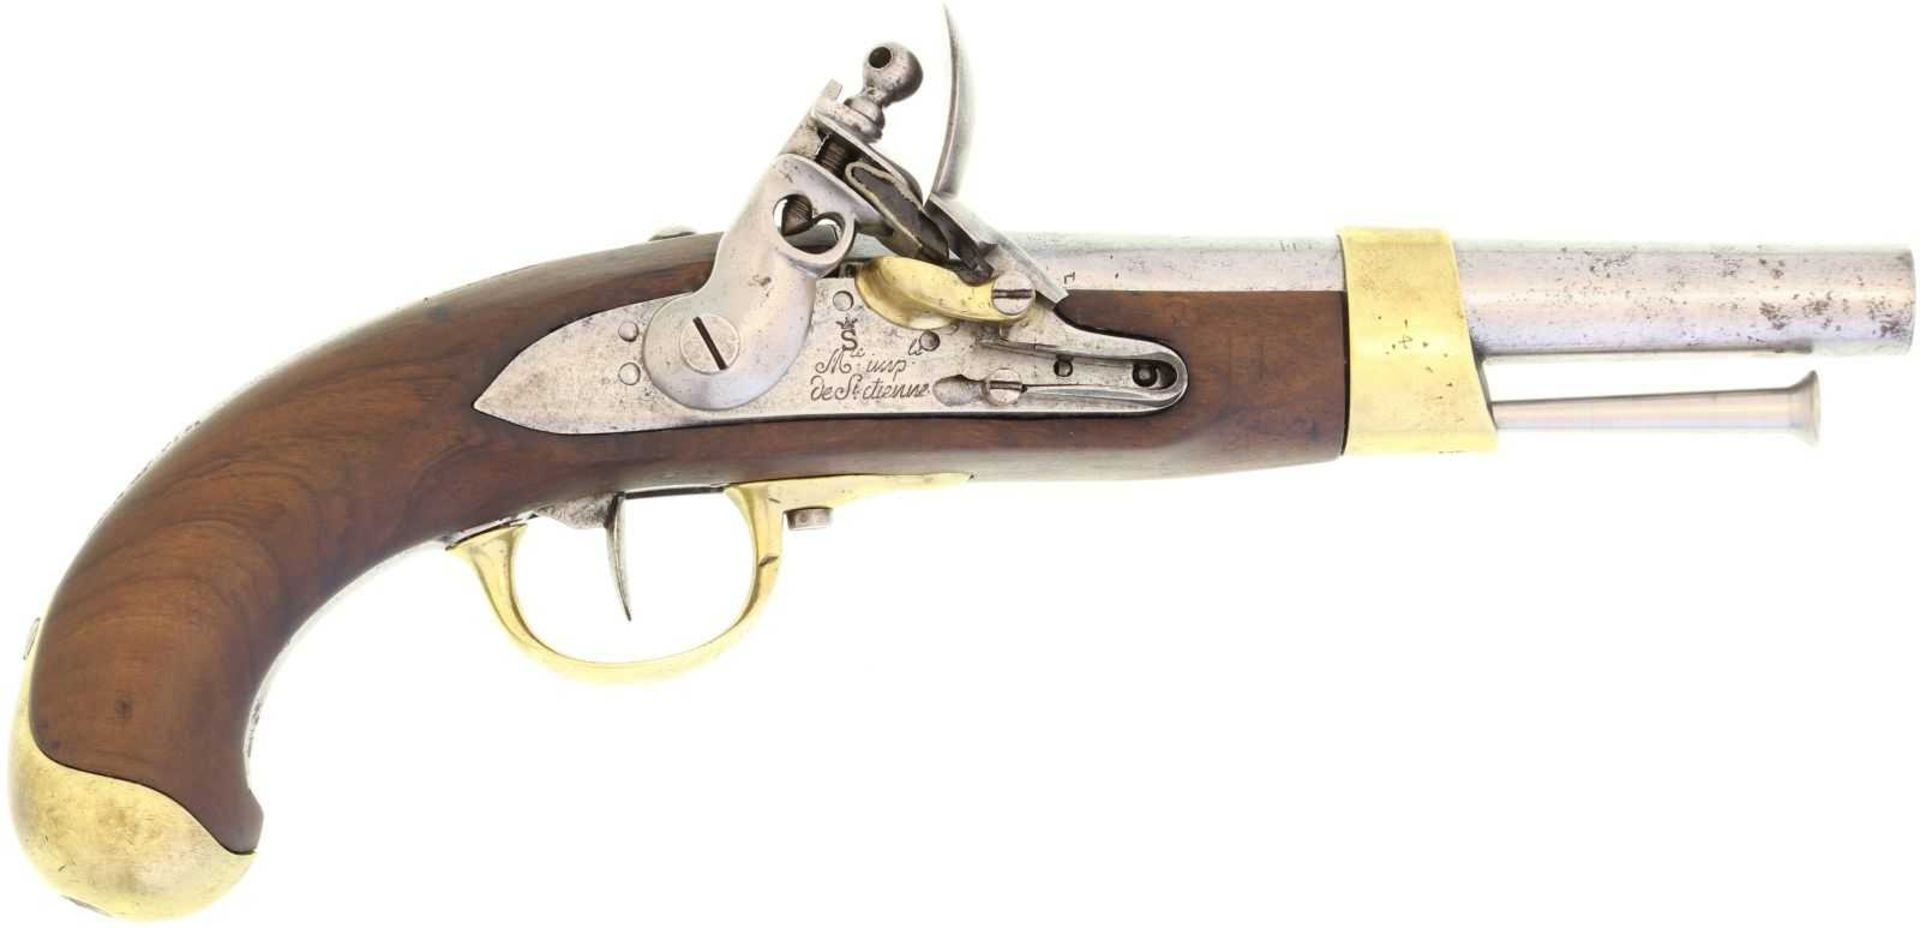 Steinschlosspistole, franz. Mod. an 9, Manufacture Imperial de St. Etienne, Kal. 17.6mm LL 200mm, TL